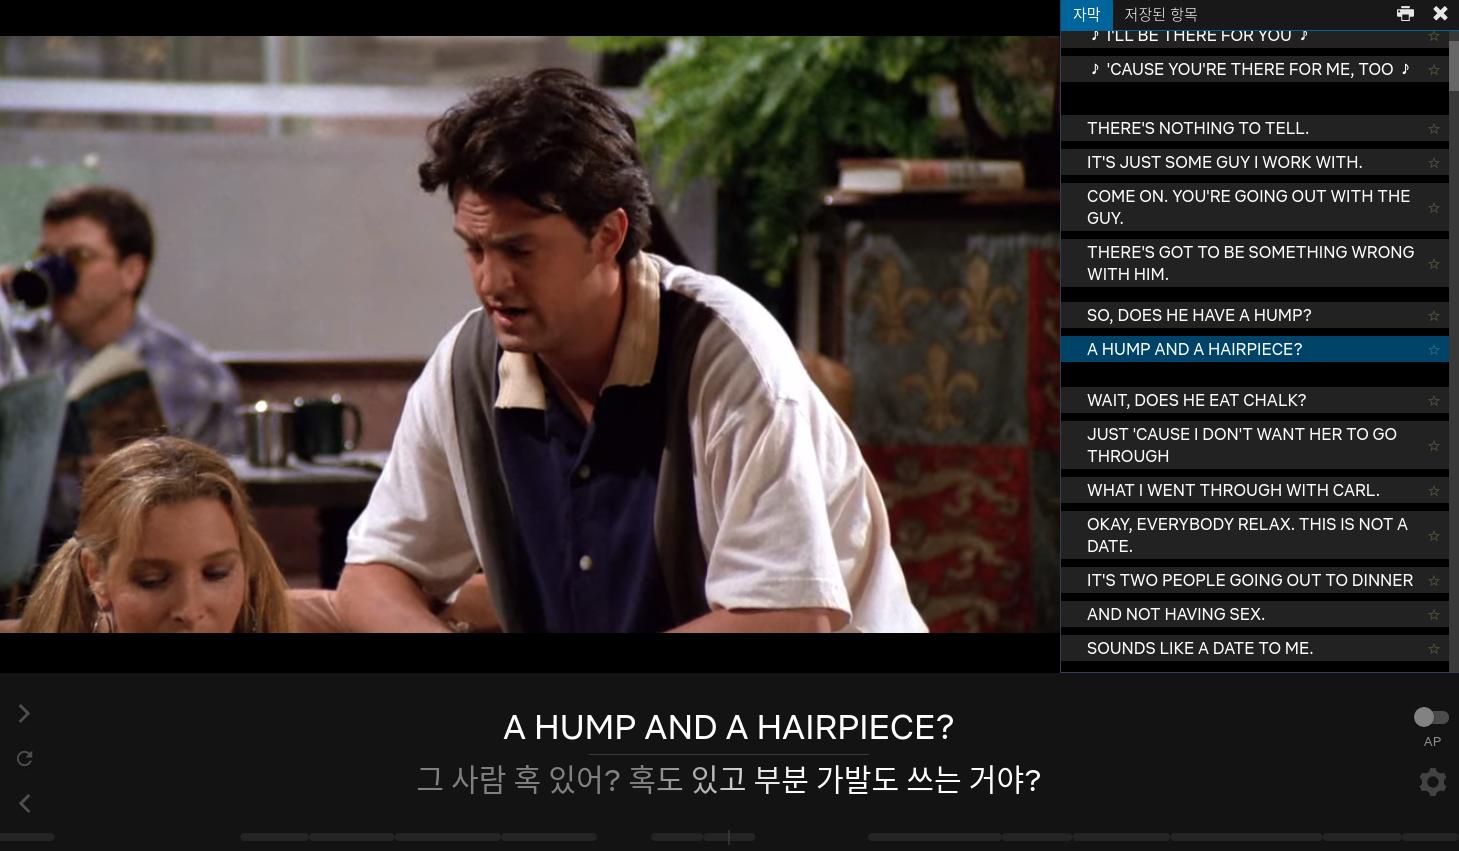 넷플릭스 영어공부 크롬 확장프로그램